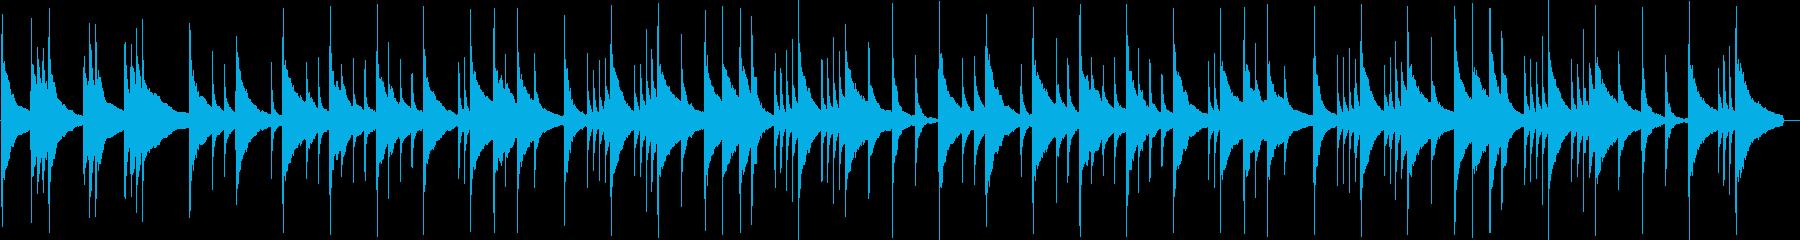 静かで切ないラブソンバラードの再生済みの波形